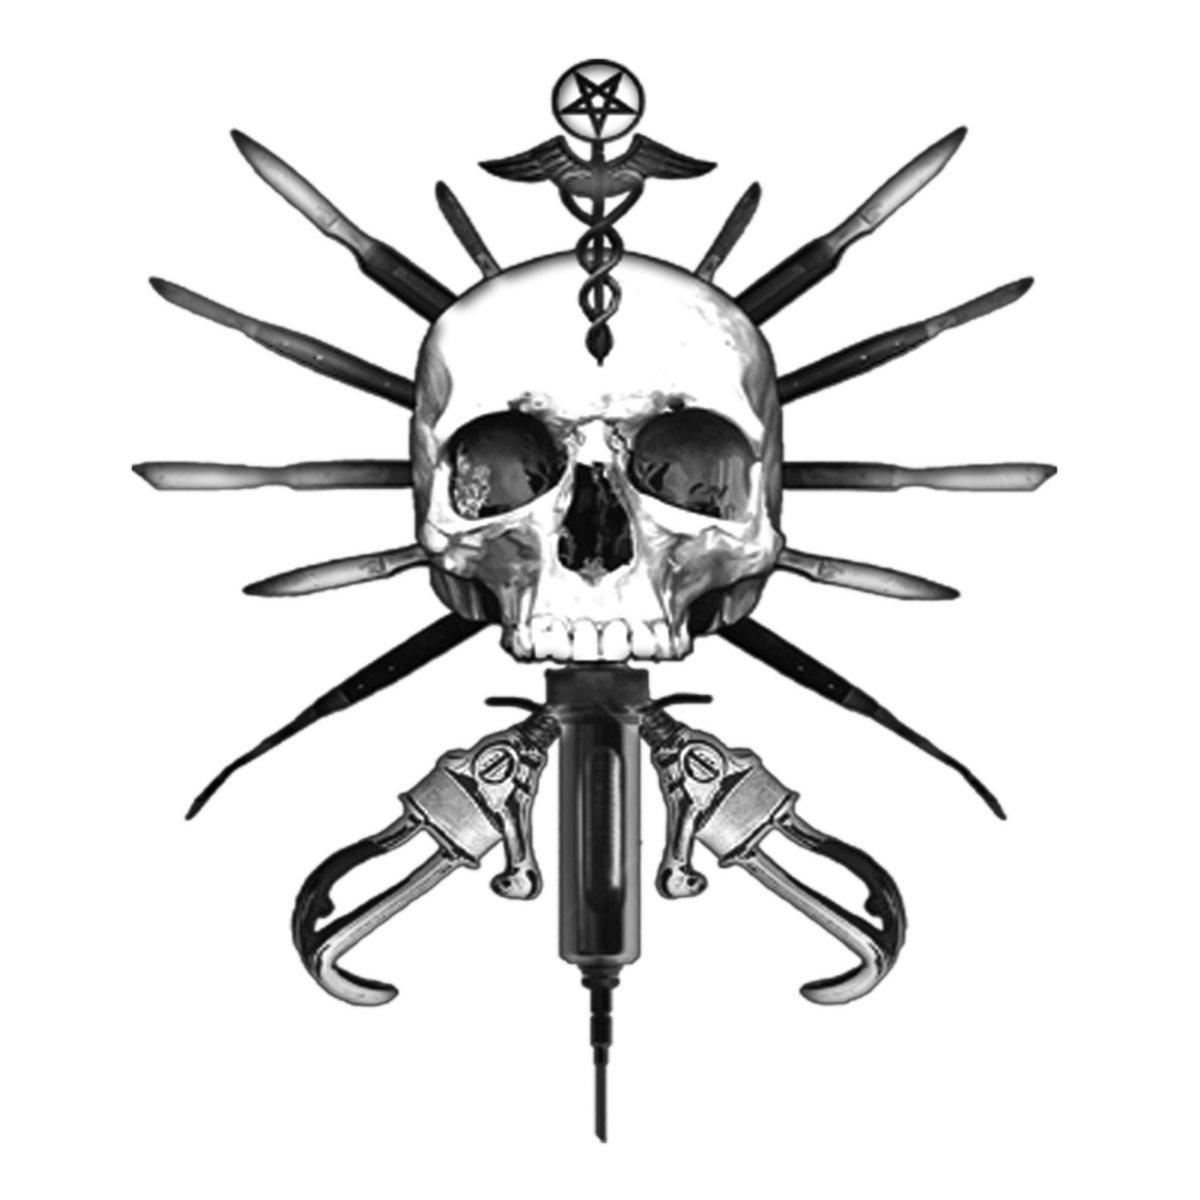 Metaconqueror - Banishment Of The Unforsaken